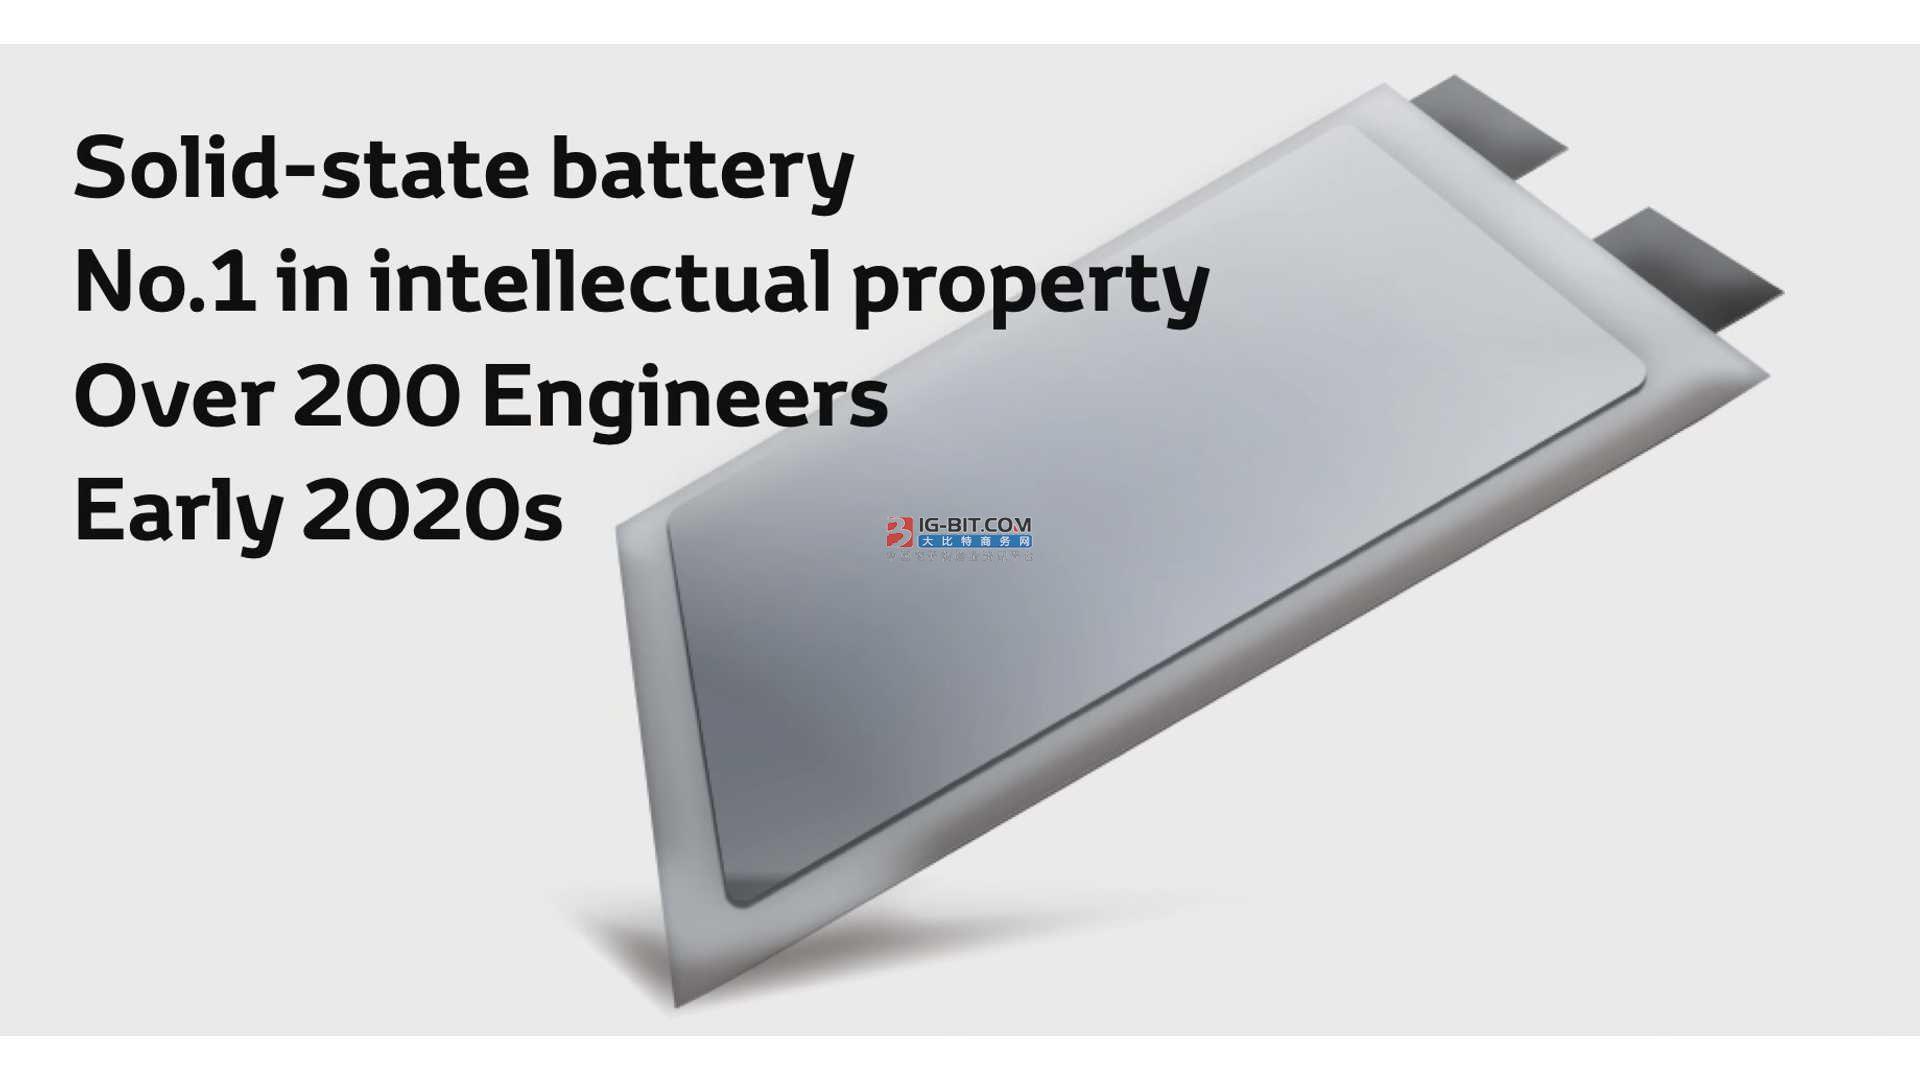 动力电池迎来重磅玩家:三星将为现代提供固态电池,续航800公里